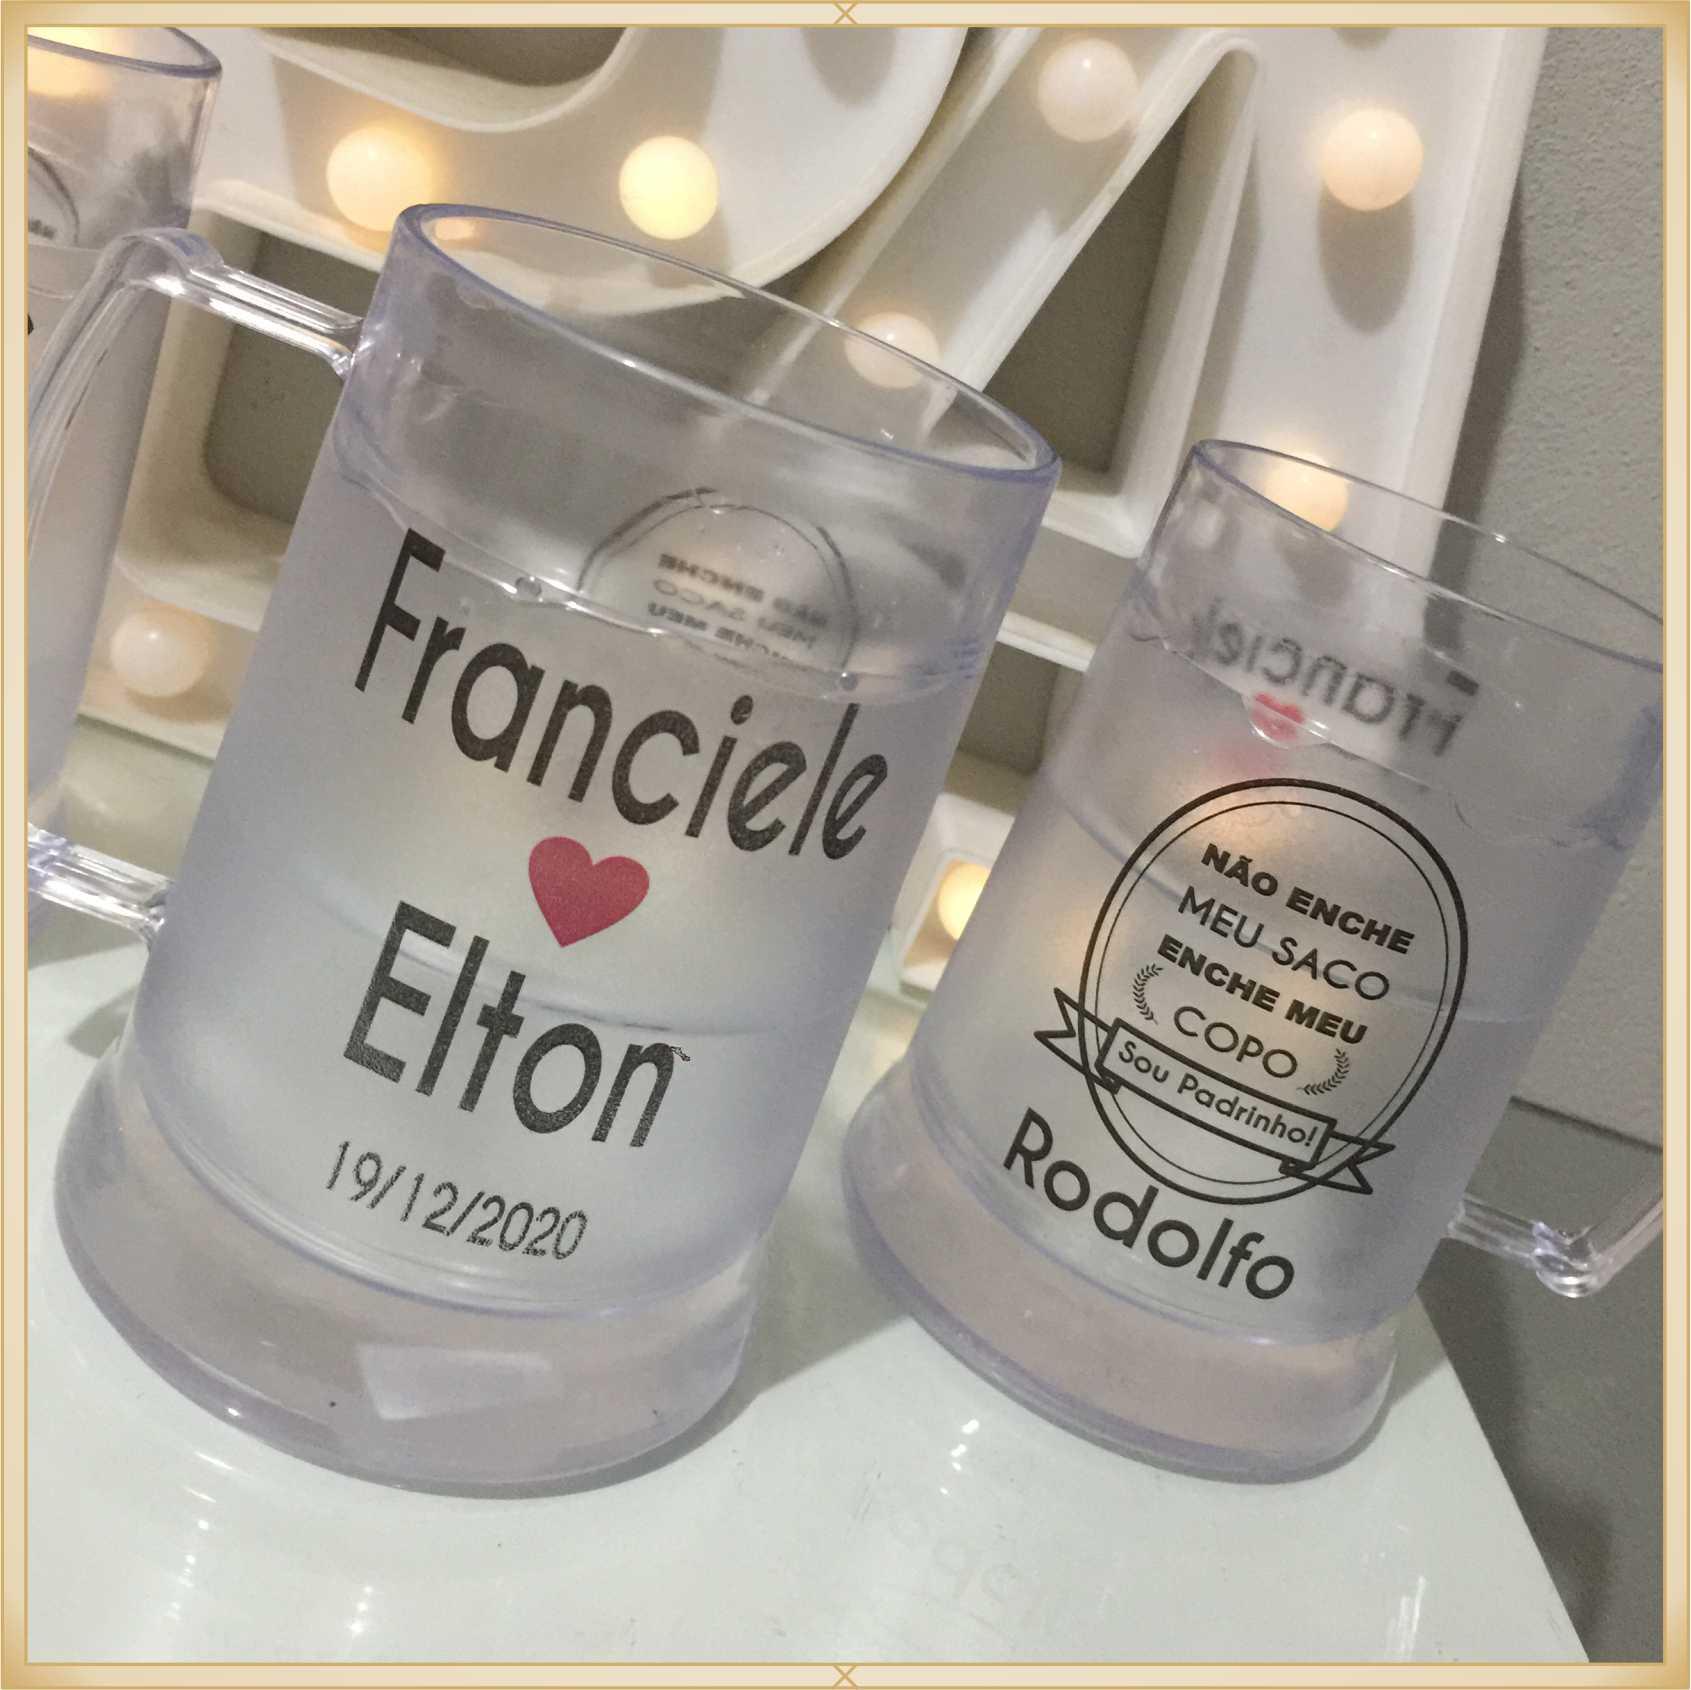 Canecas de gel personalizadas Casamento - acrílico de qualidade, ótimo acabamento, sistema de congelamento, parede dupla, 340 ml - kit 10 unidades.